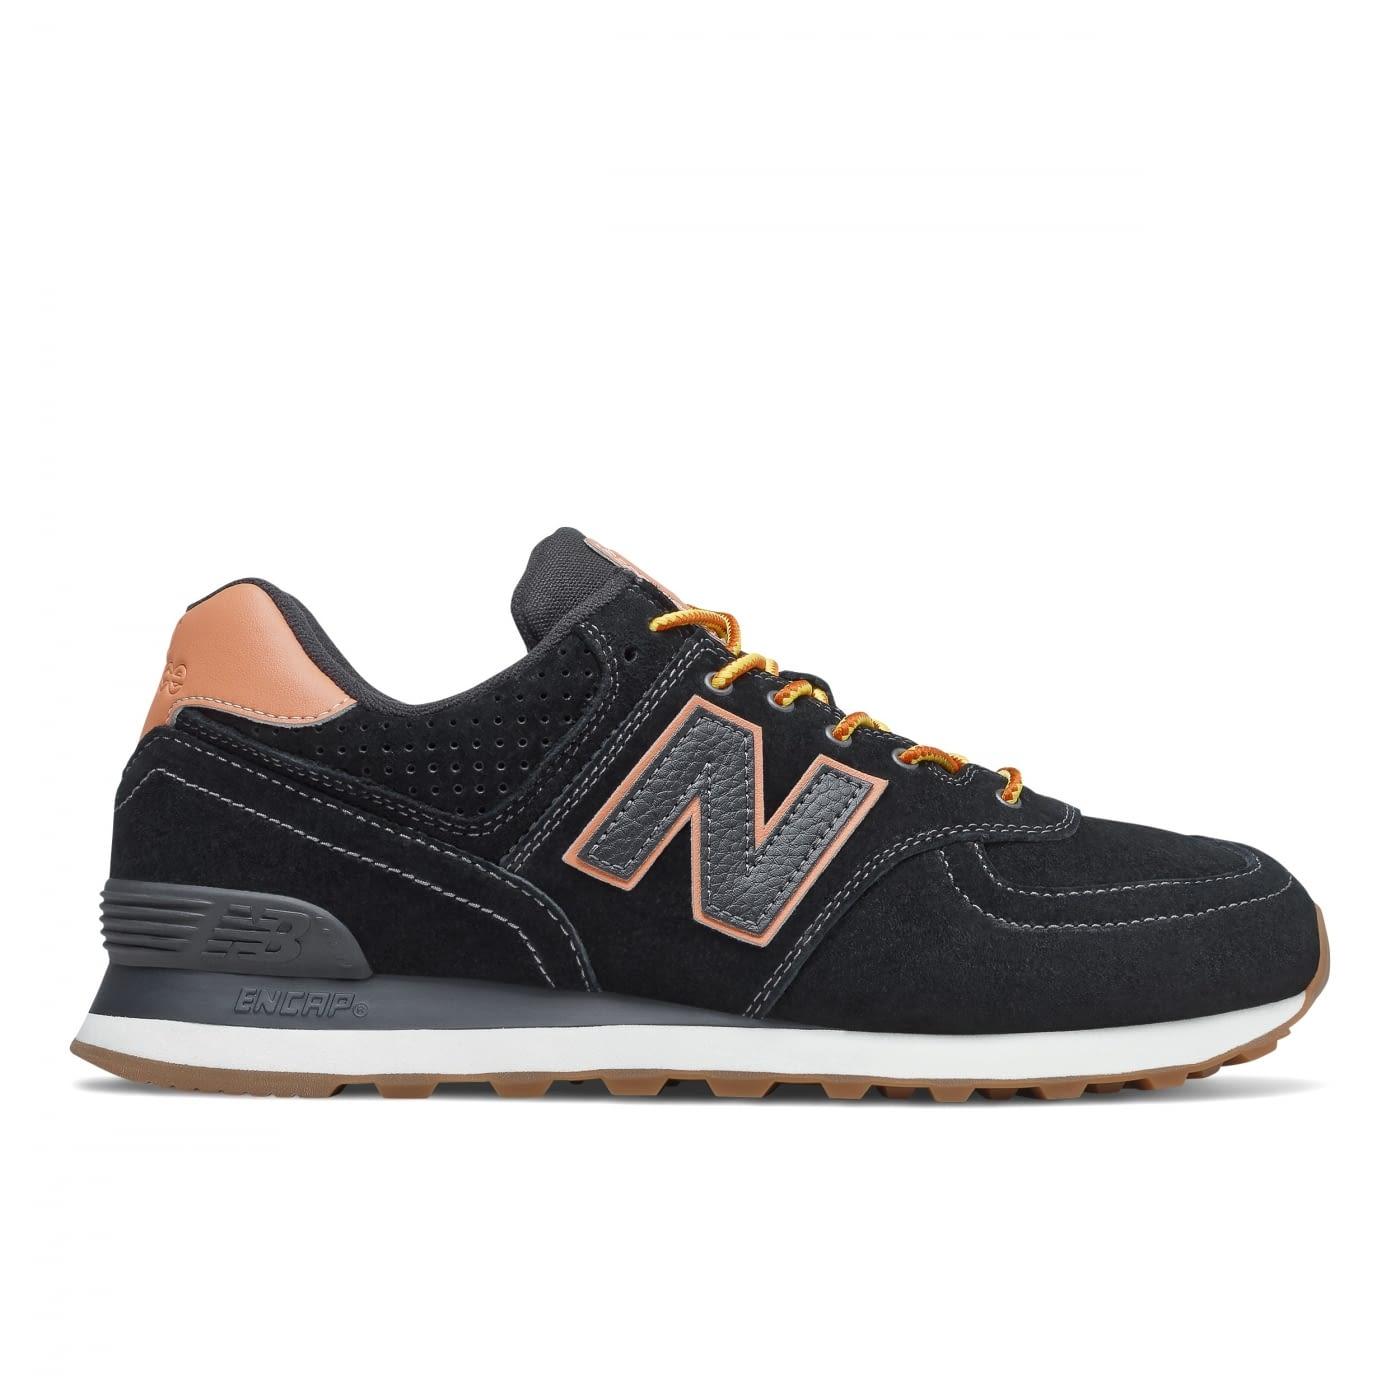 Zapatillas hombre 574